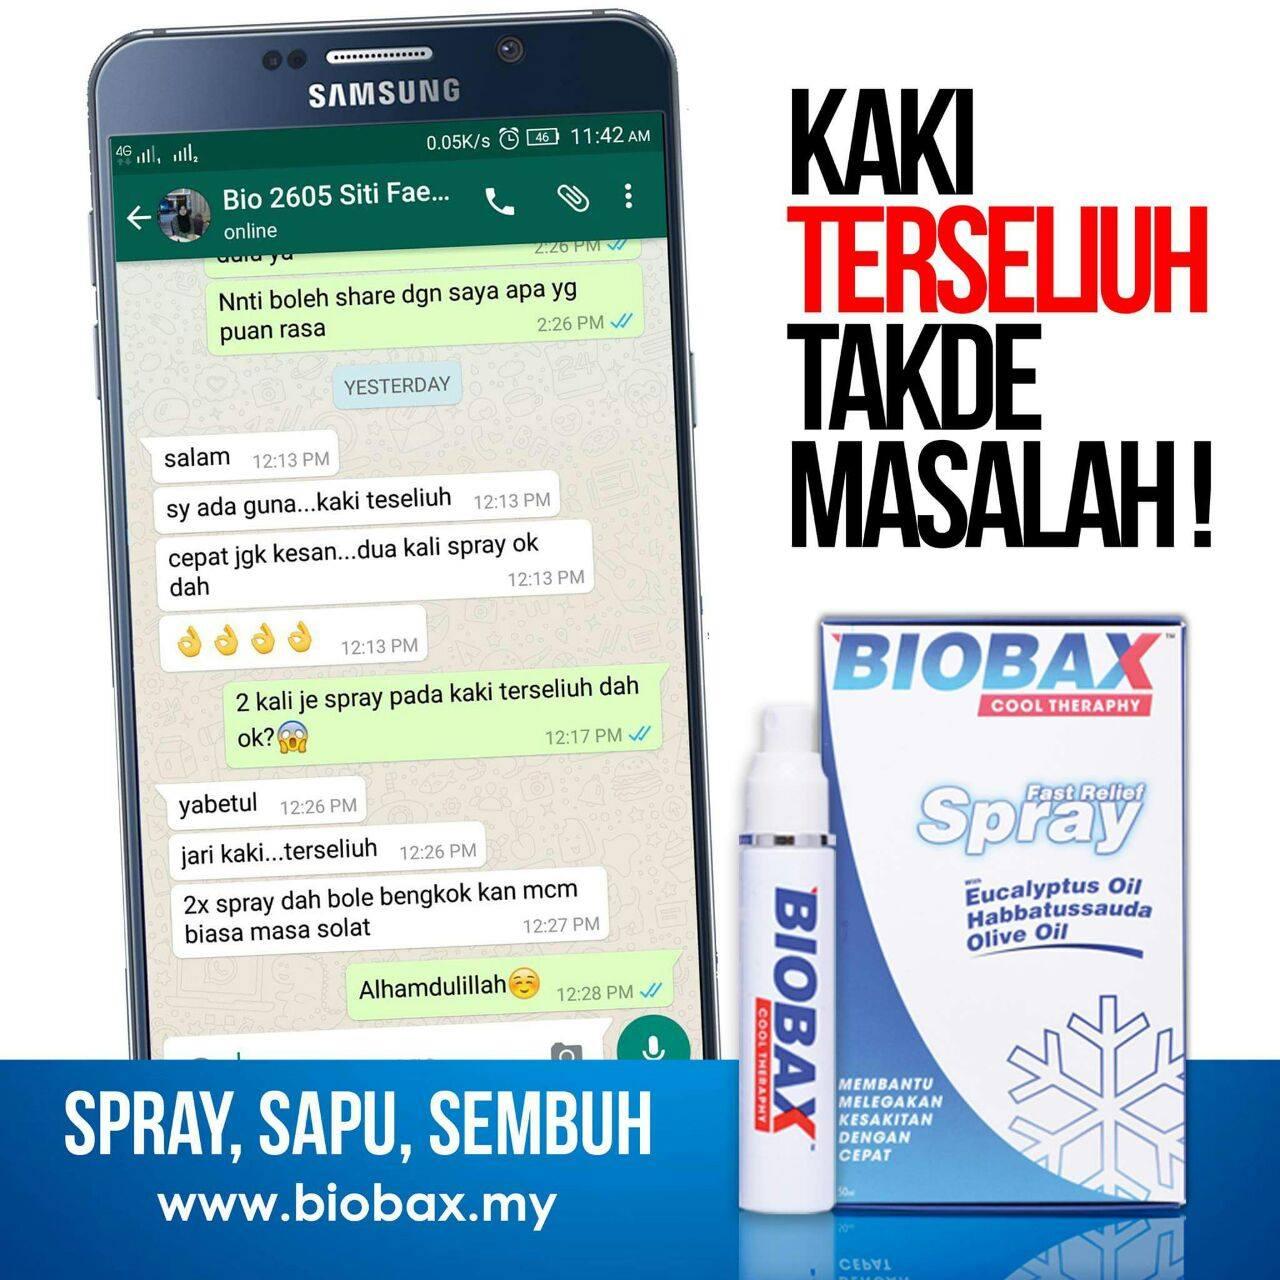 mak kawan puji Biobax dapat legakan sakit kaki dengan segera!